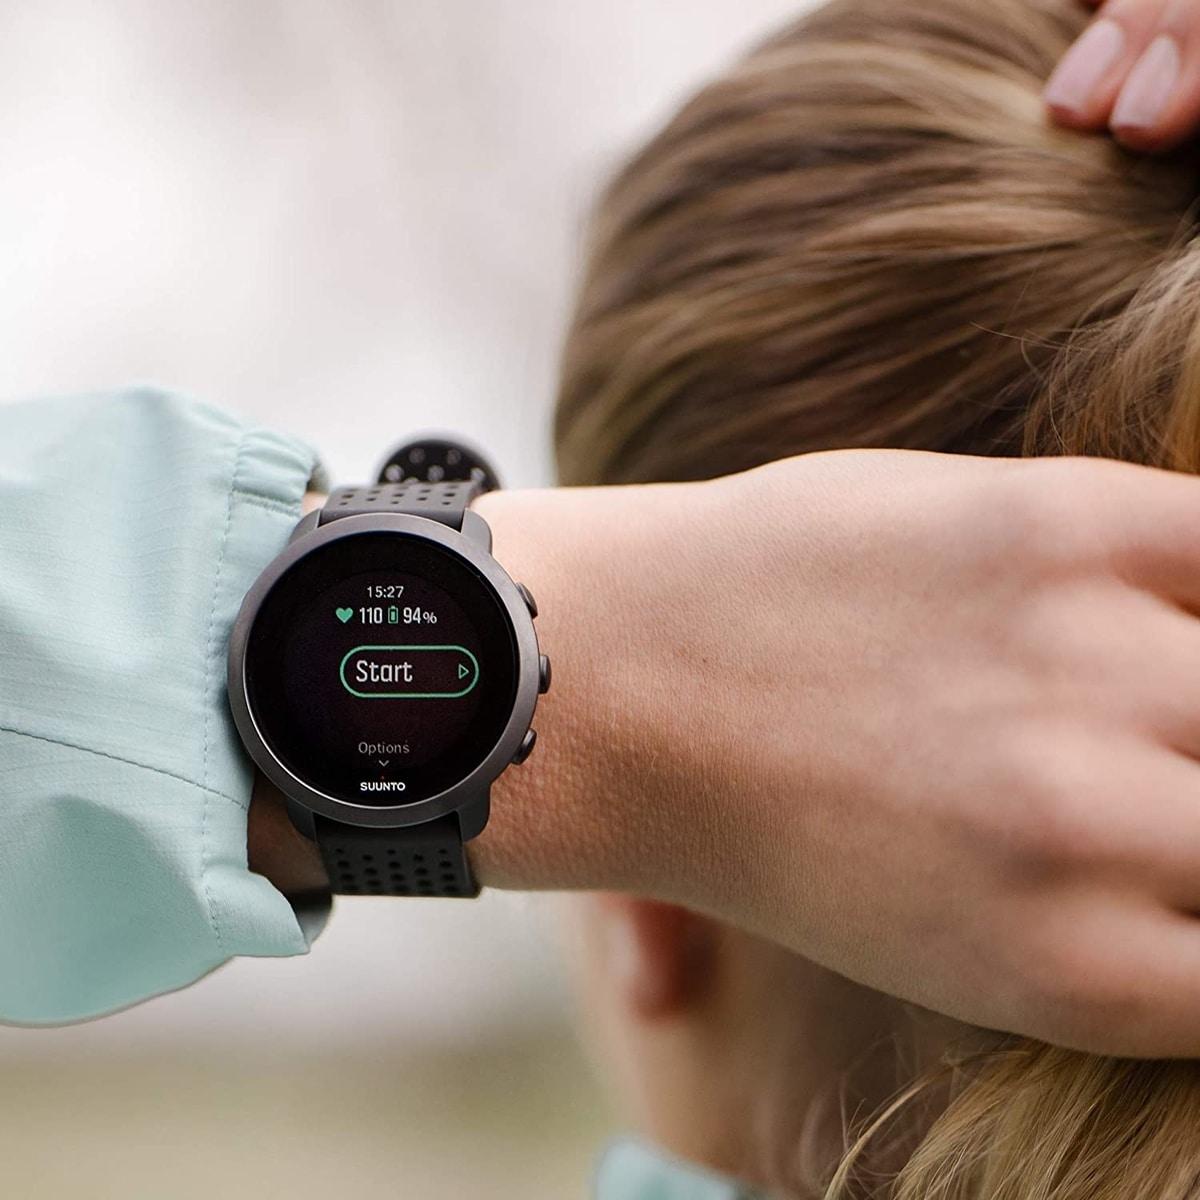 Suunto mide tu rendimiento en el deporte gracias a sus relojes inteligentes